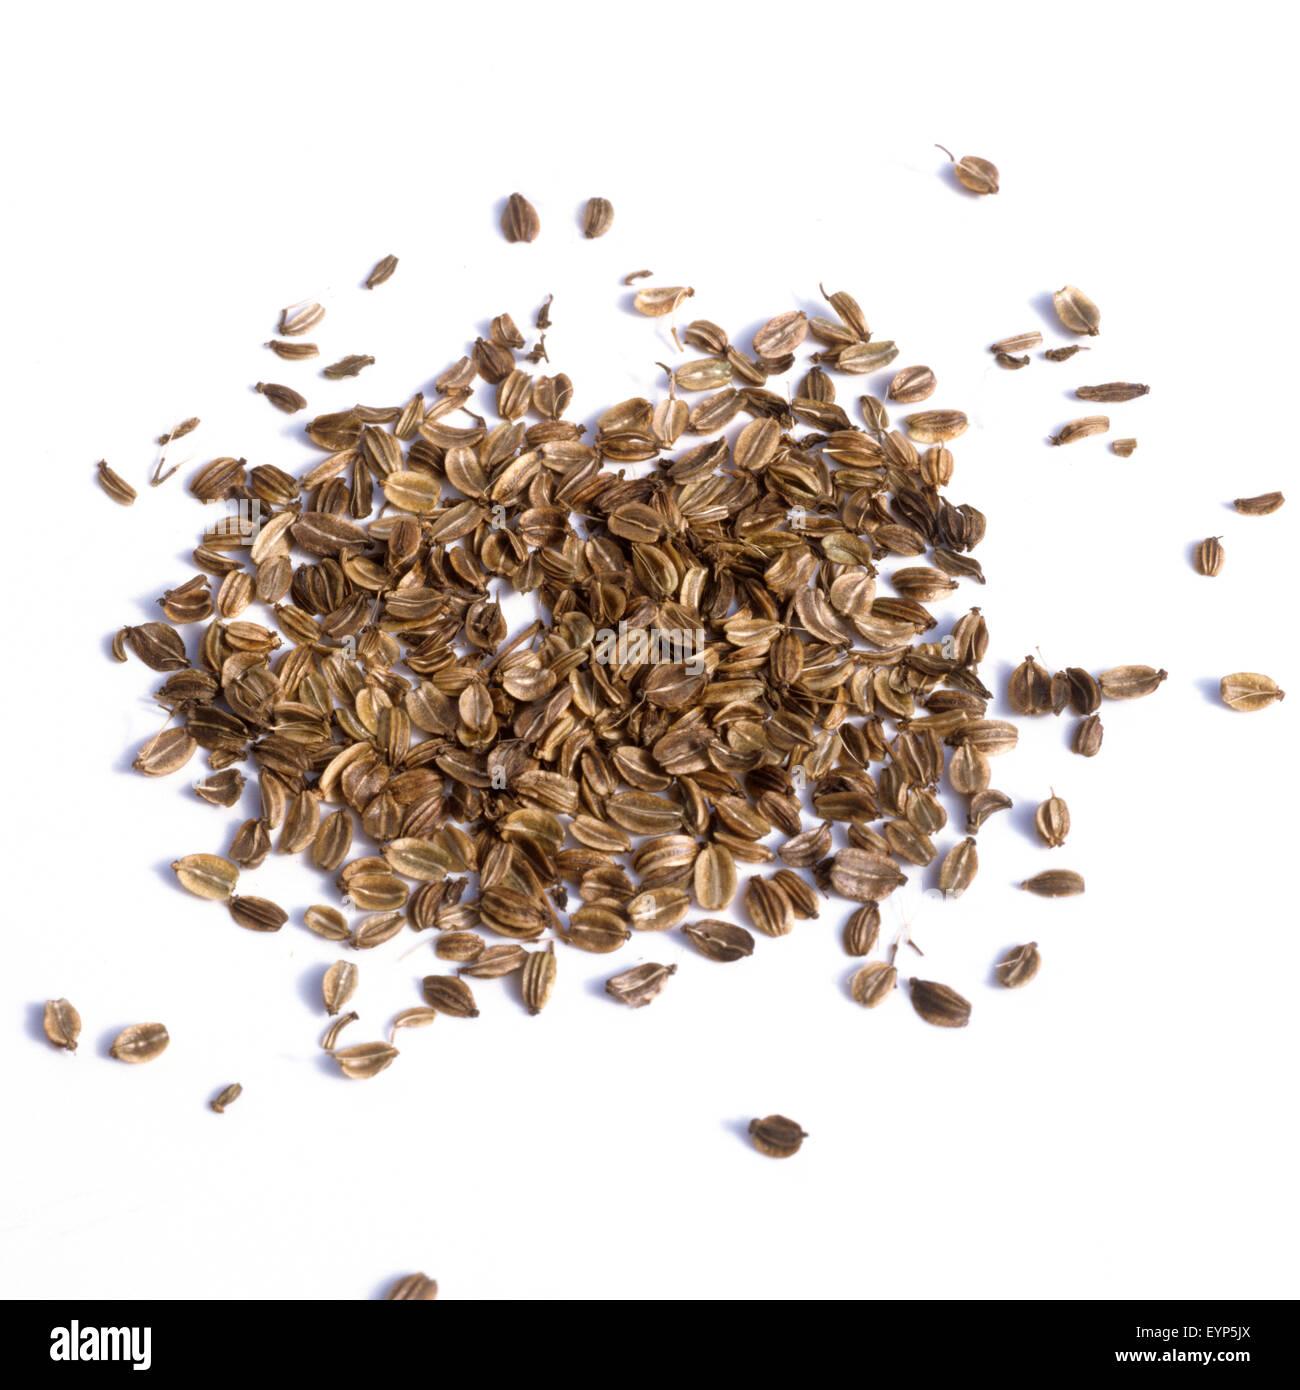 Liebstoeckel; Levisticum officinale; Samenkoerner, Samen, Heilpflanzen, - Stock Image